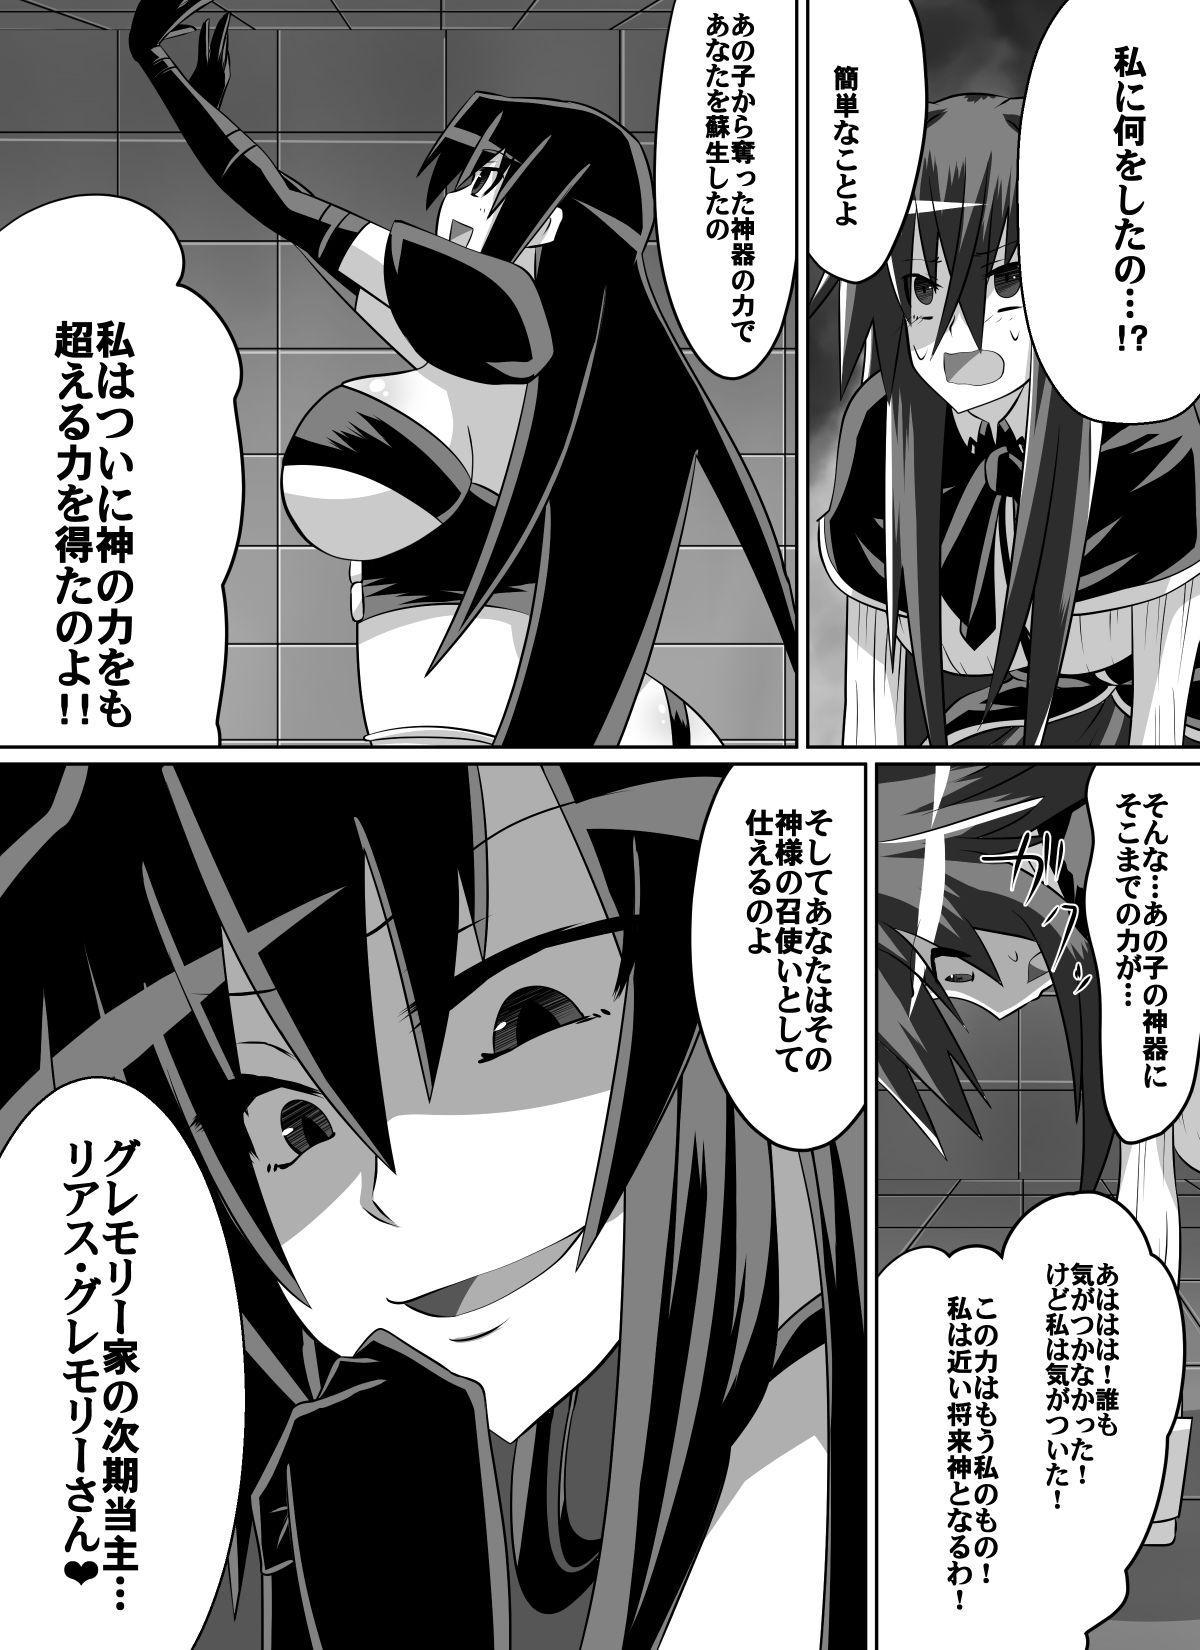 Benigami no Messatsuki ~Teki Onna ni Juurin Sareru Kouketsu Shoujo 27